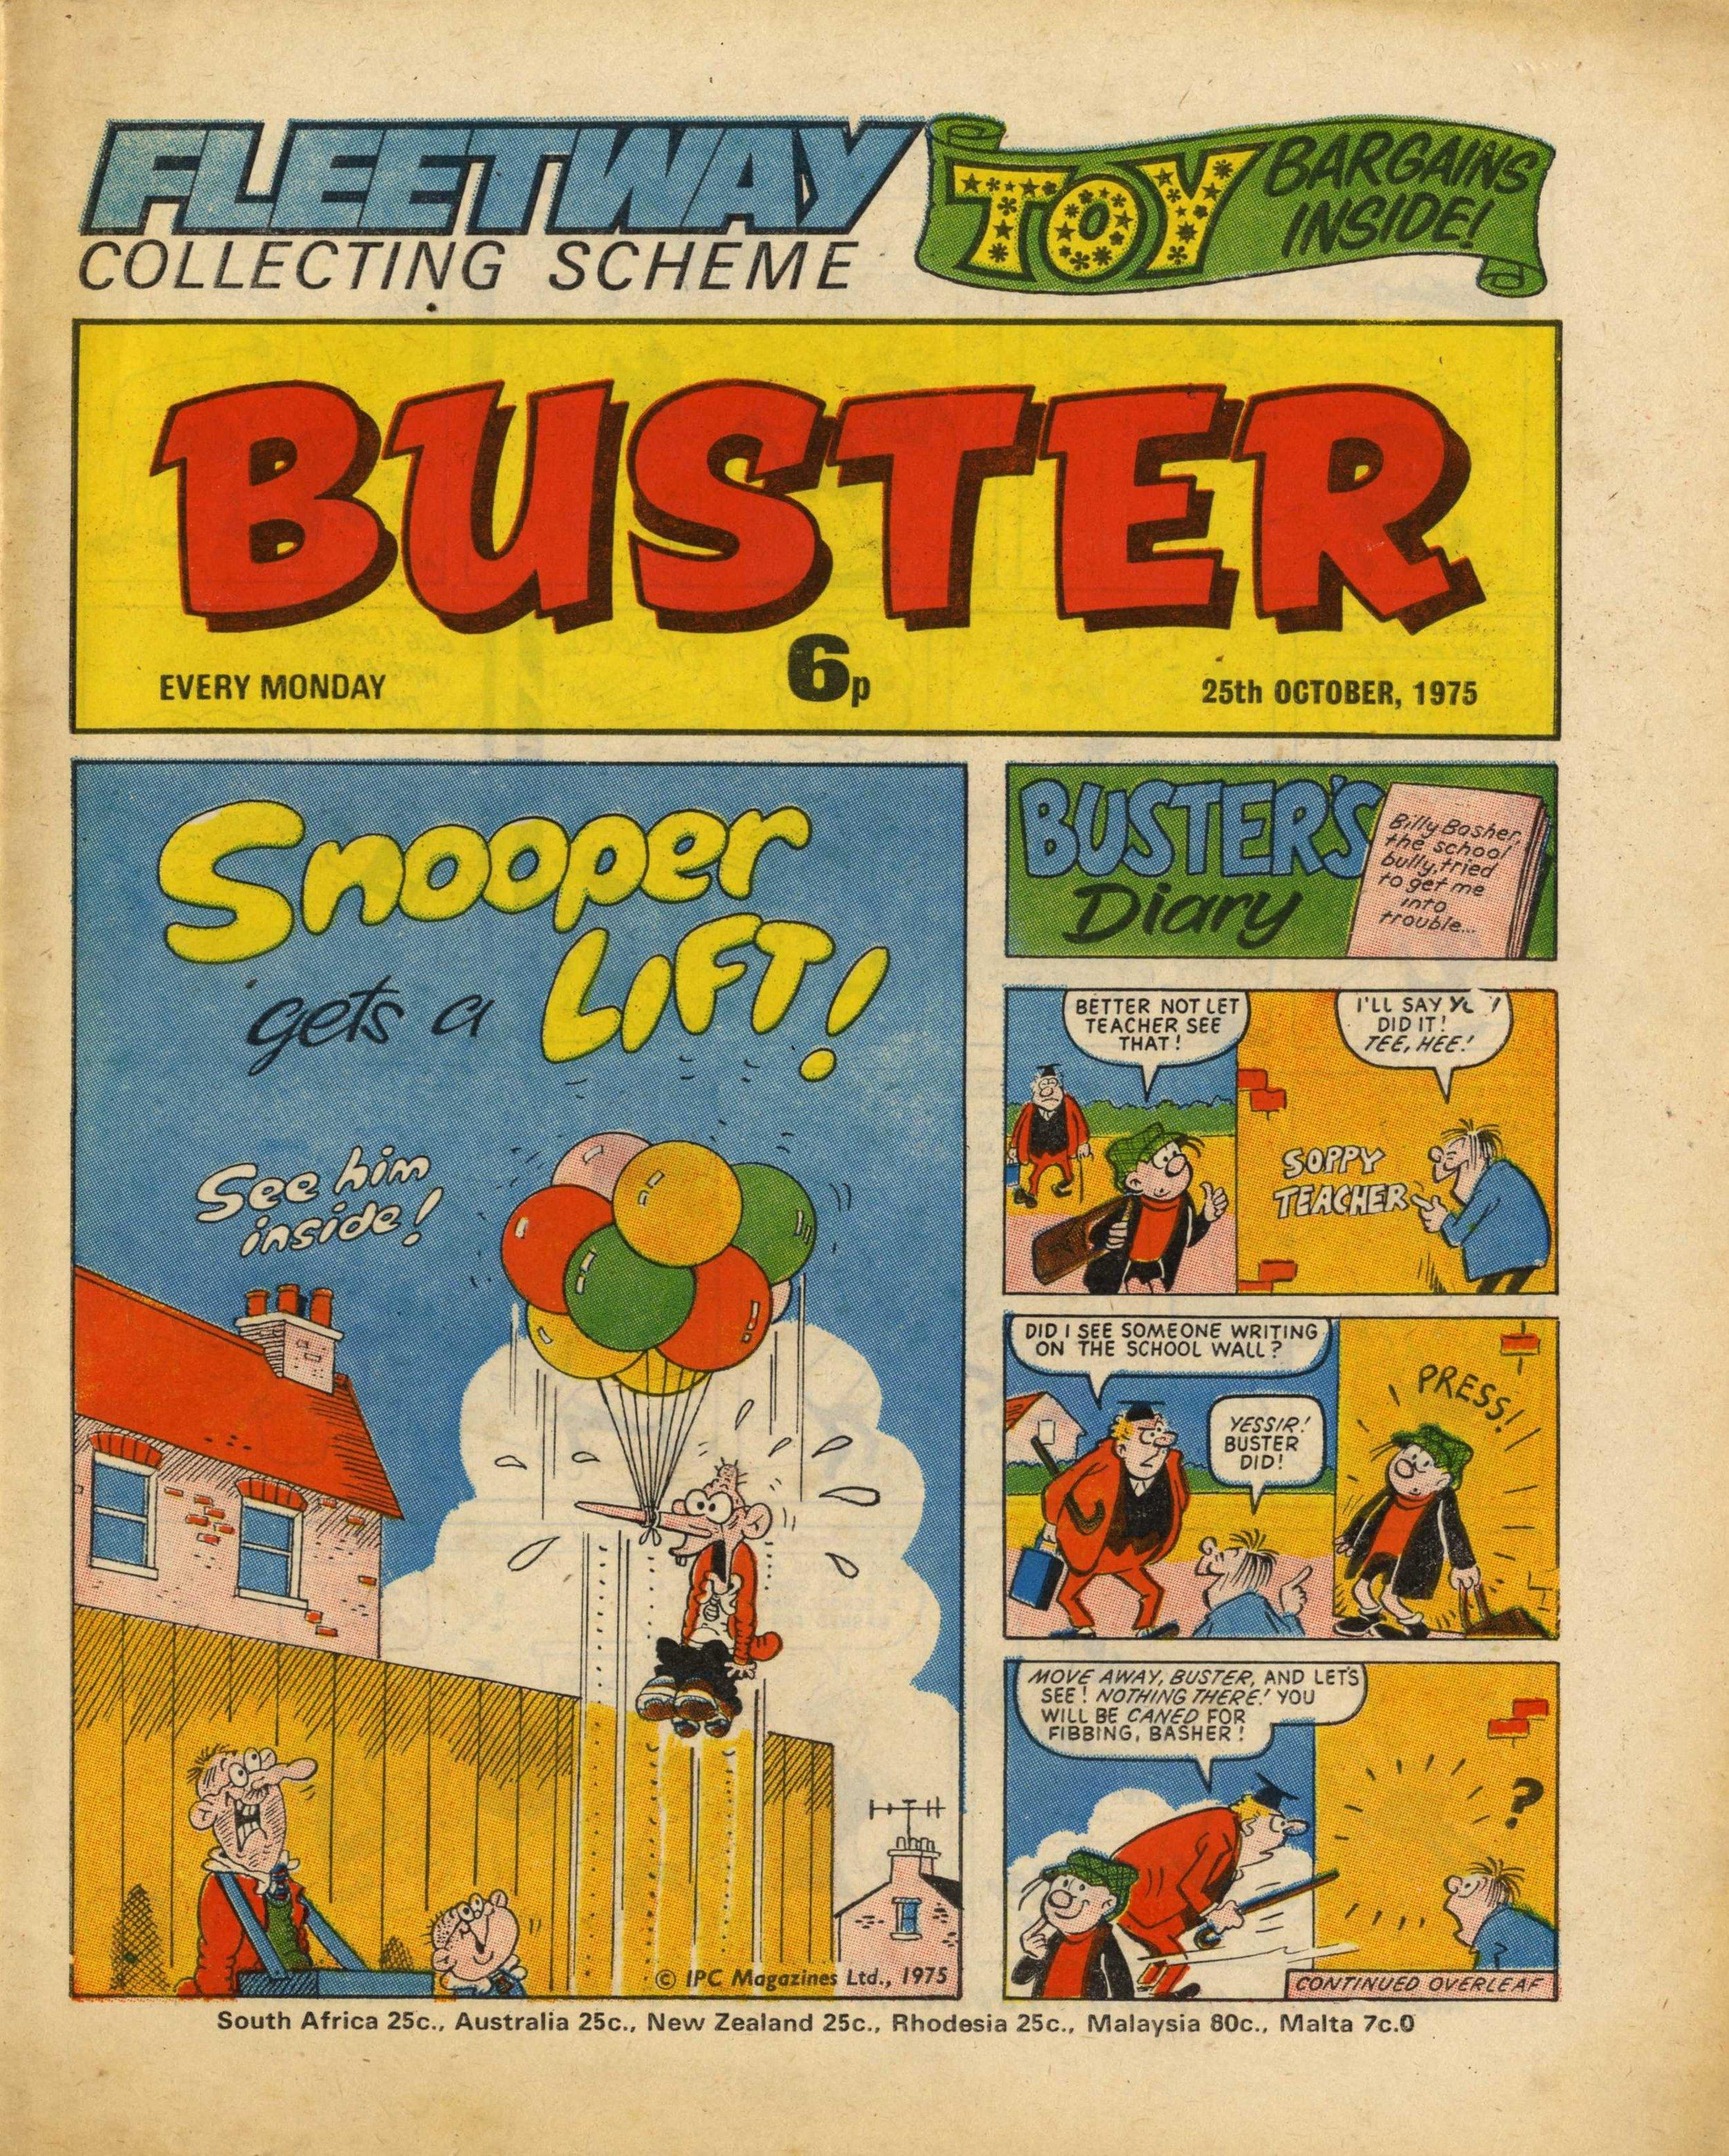 Buster 251075 001.jpg